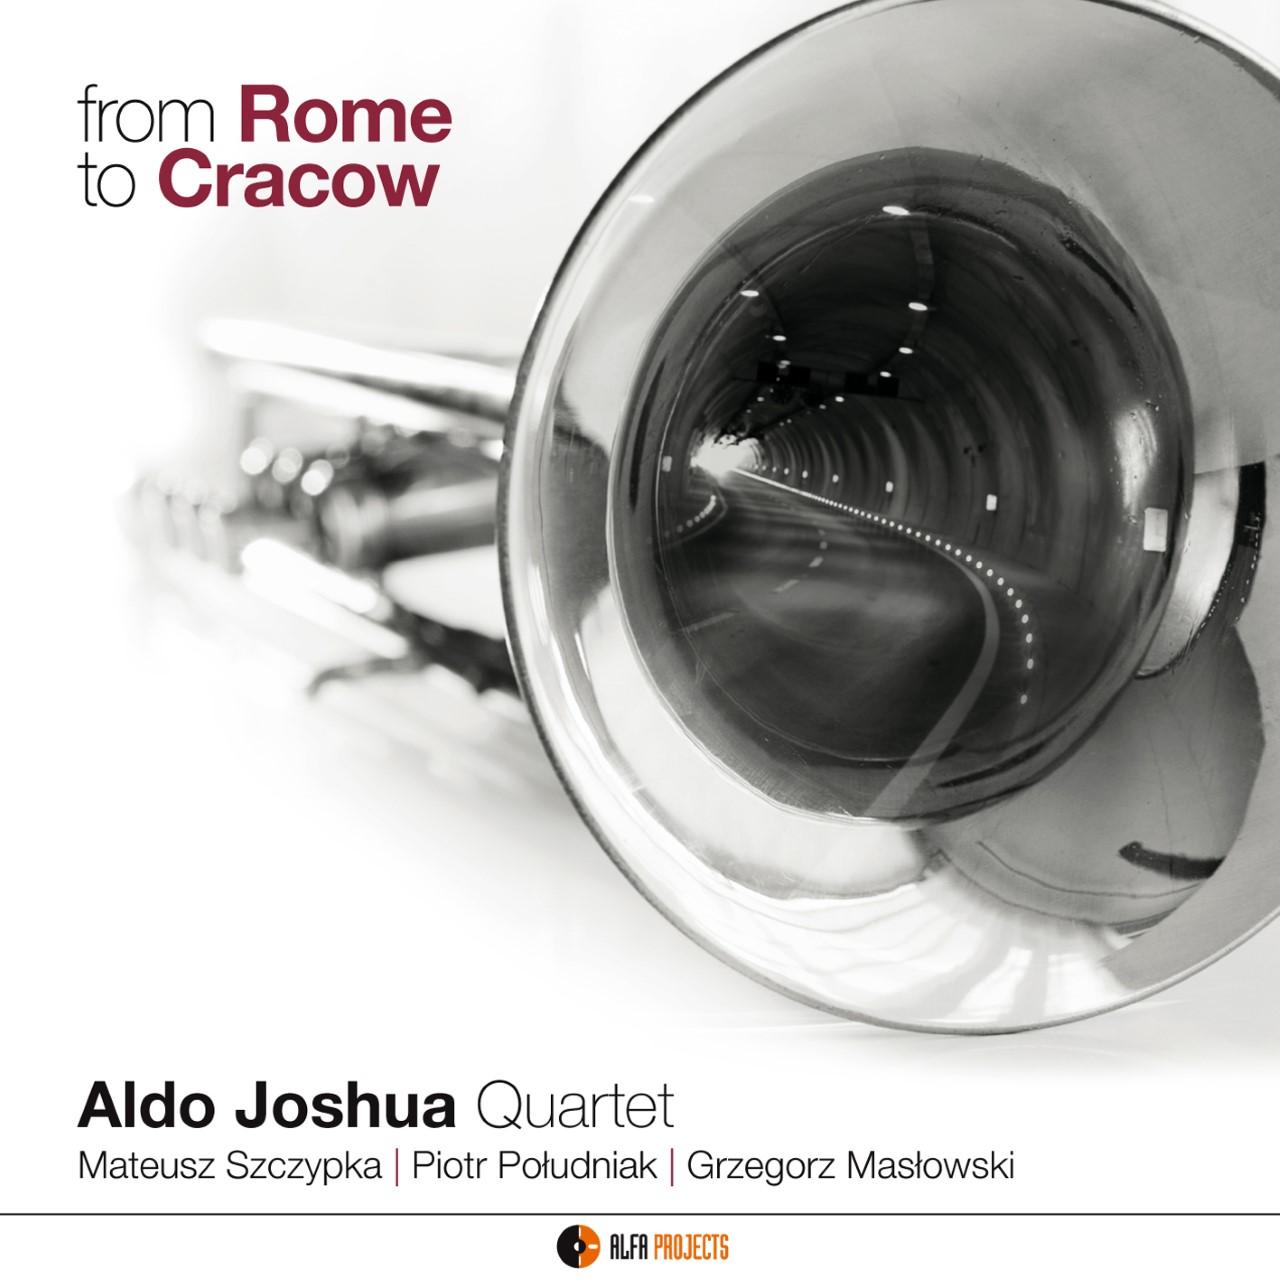 Aldo Joshua Quartet <br/> From Rome To Cracow <br/> AlfaMusic, 2019